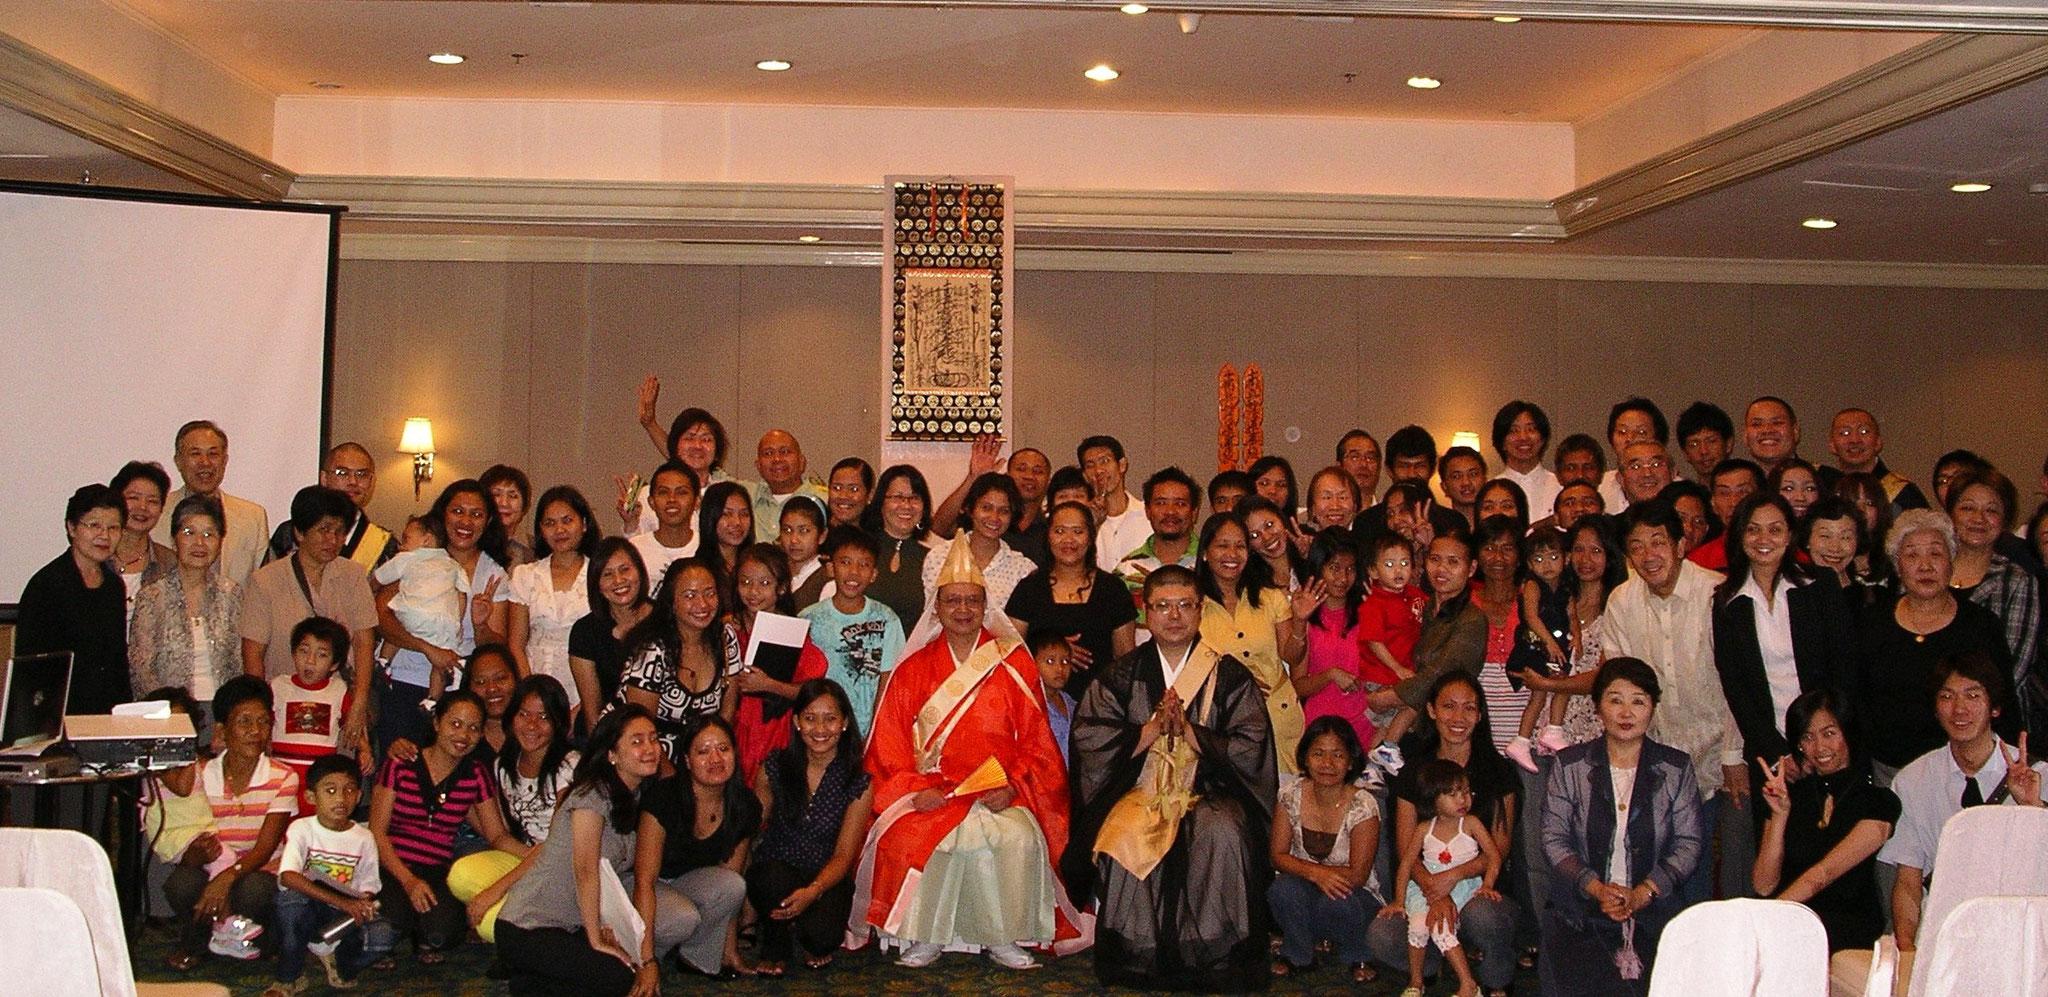 平成22年2月28日、本門佛立宗 フィリピン開講 『遠妙寺フィリピン教区初御講 併修 第一回戦没者慰霊法要』マニラ・エドサシャングリラホテルにて約100名のお参詣。